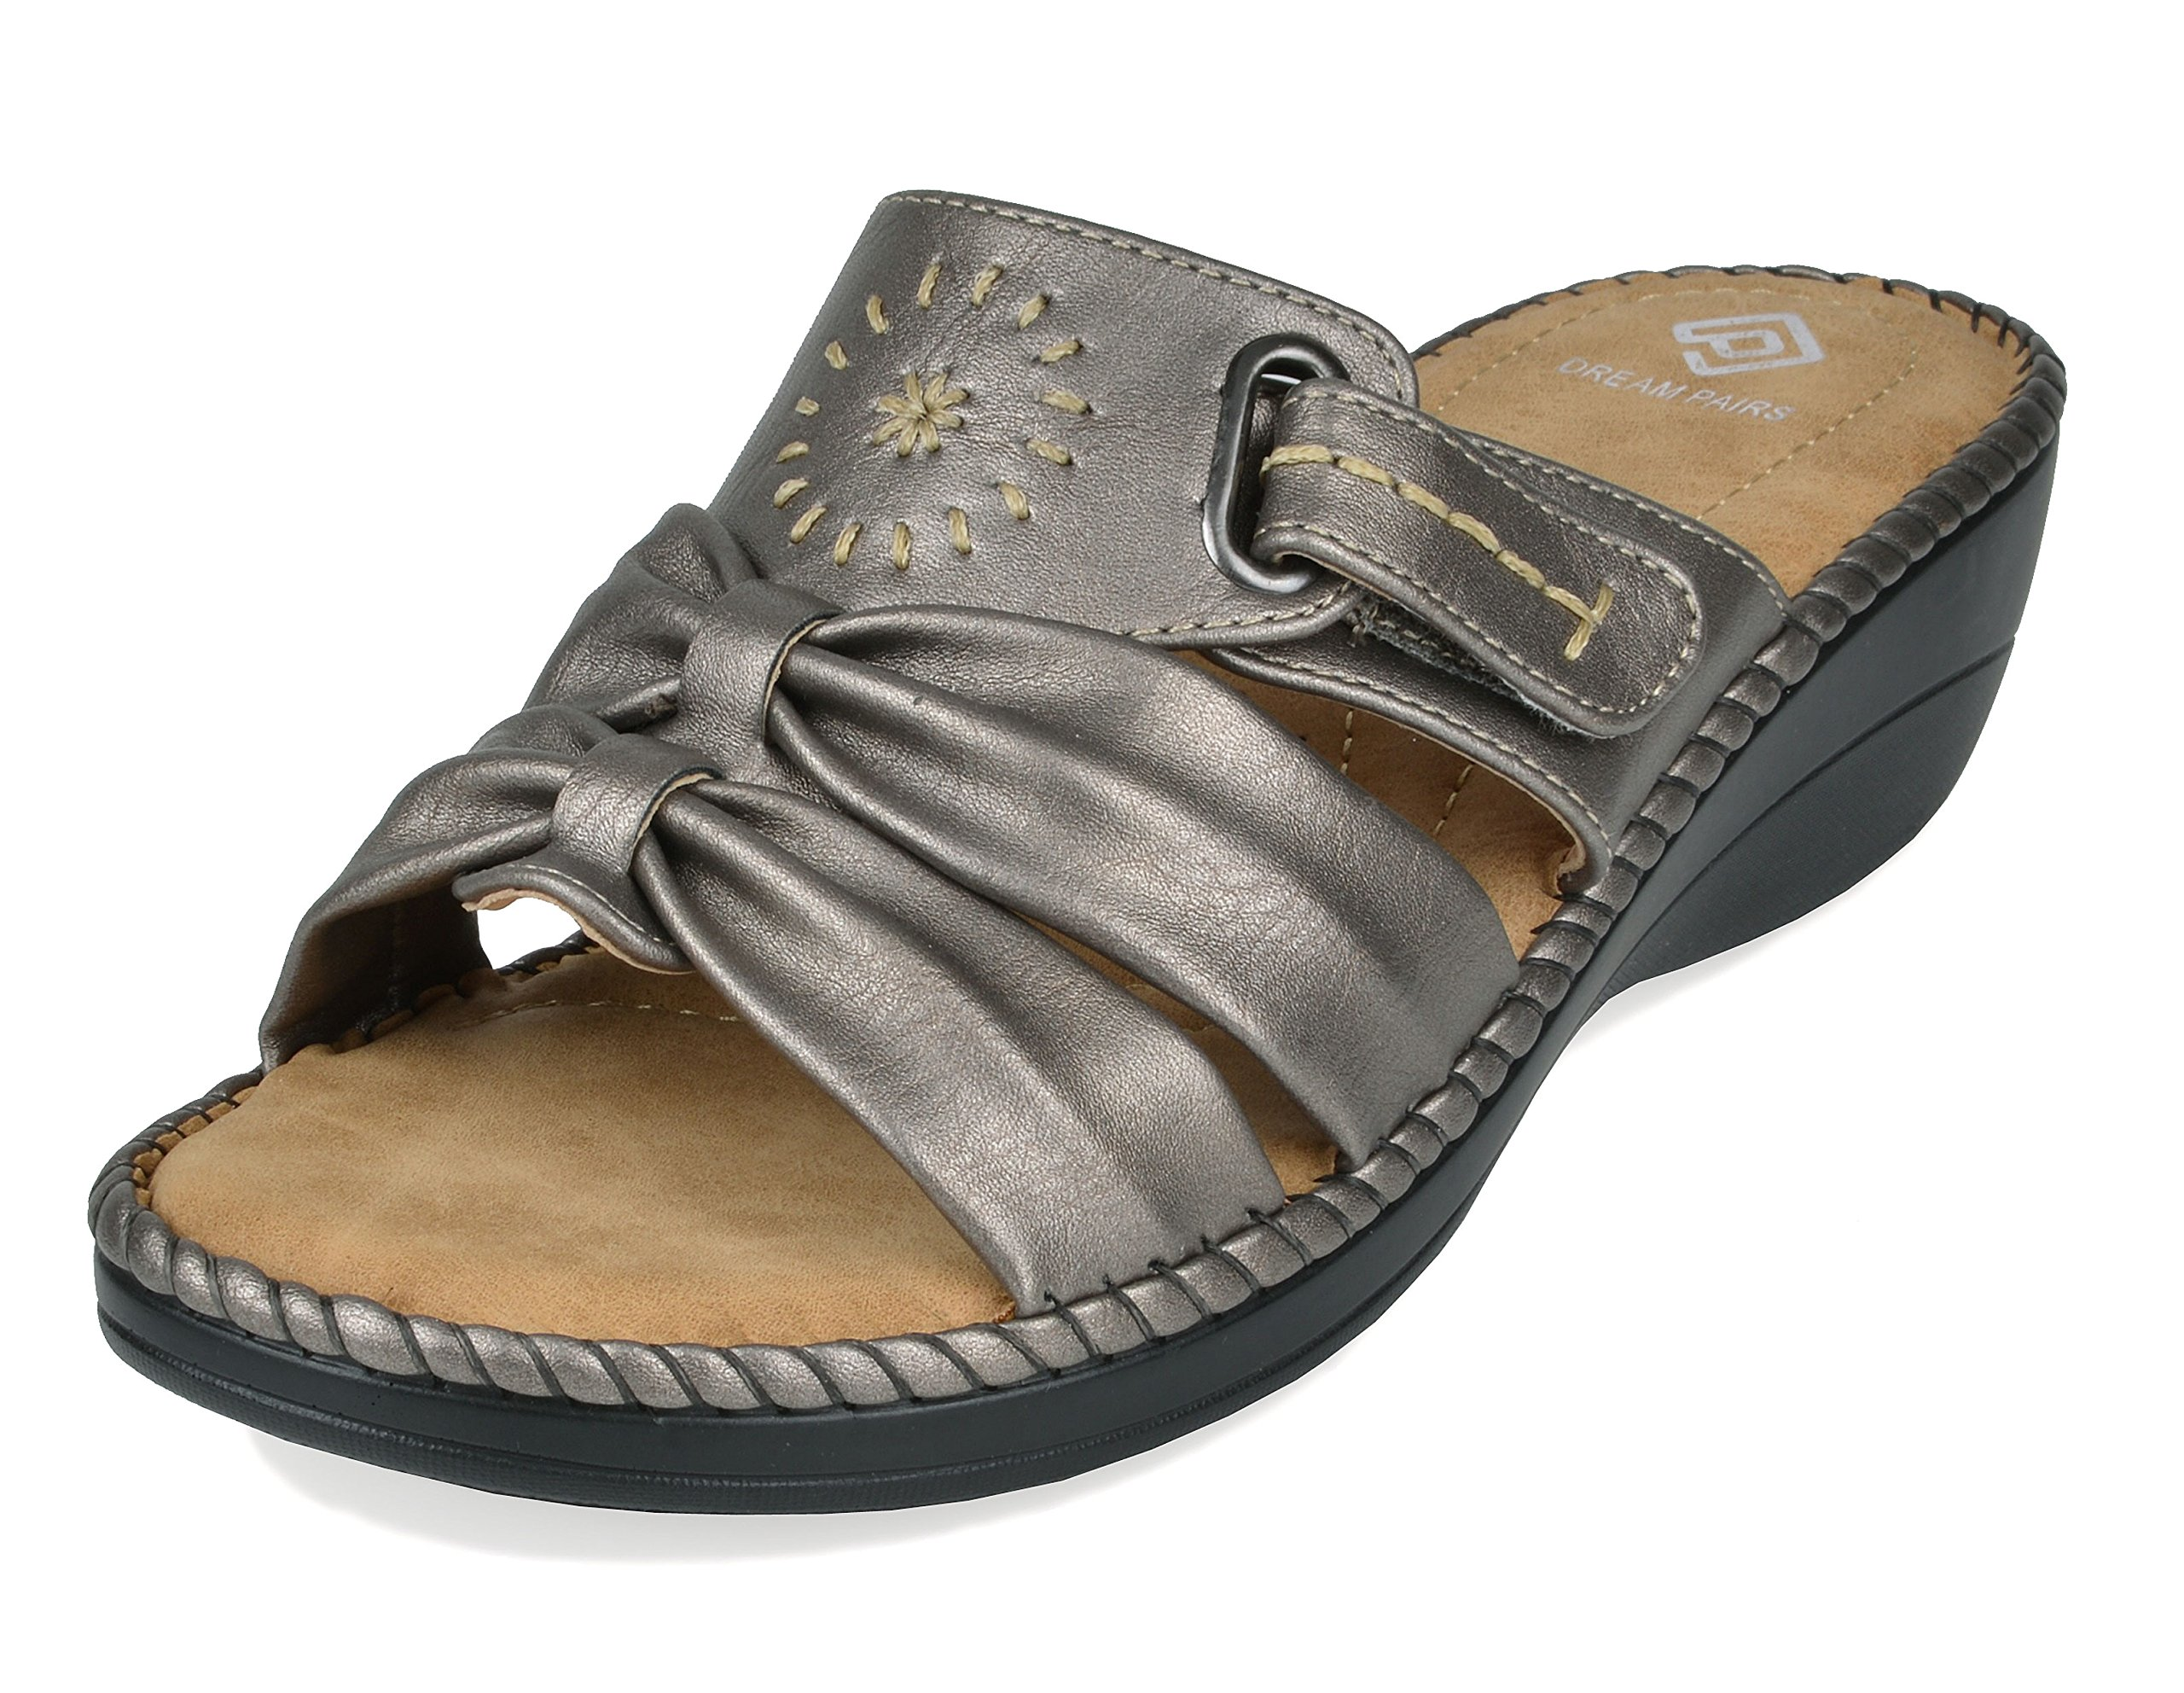 6da8ded9da Galleon - DREAM PAIRS Women's Truesoft_08 Pewter Low Platform Wedges Slides  Sandals Size 8.5 B(M) US